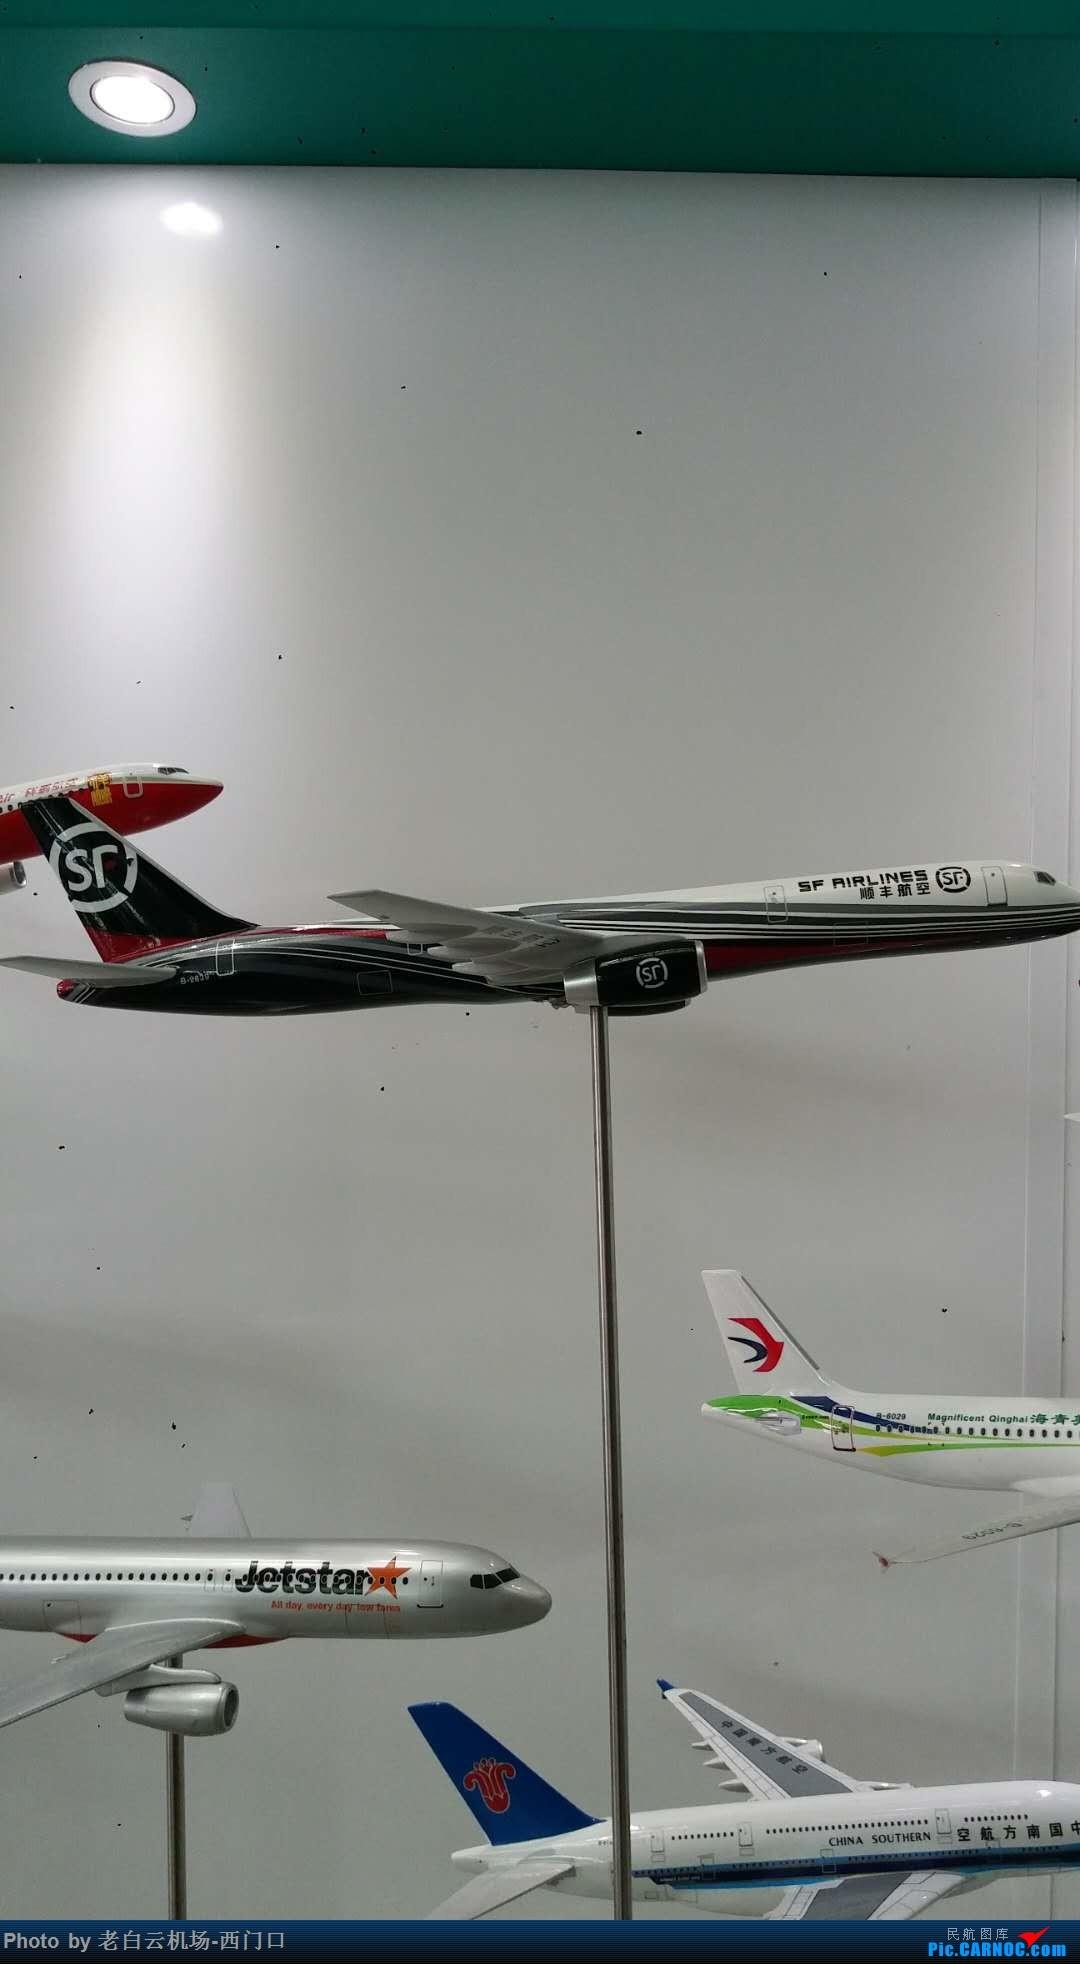 Re:[原创]【梁泽希拍机故事7】2018年第六次拍机 BOEING 757-200 B-2826 中国揭阳潮汕国际机场